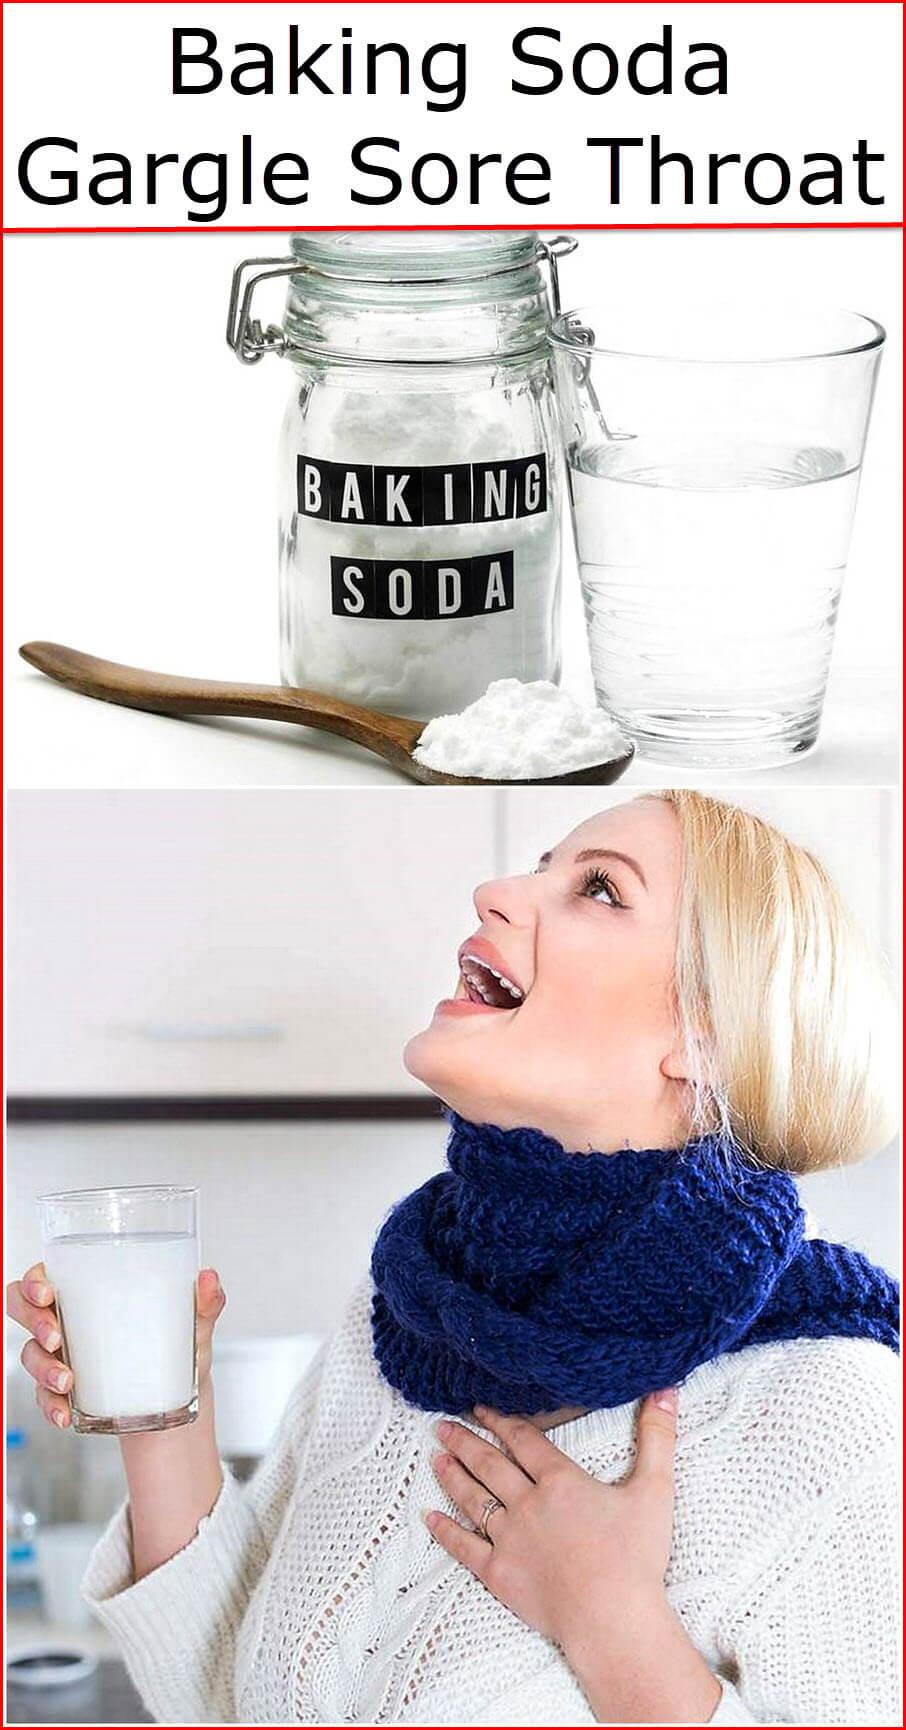 Baking Soda Gargle Sore Throat